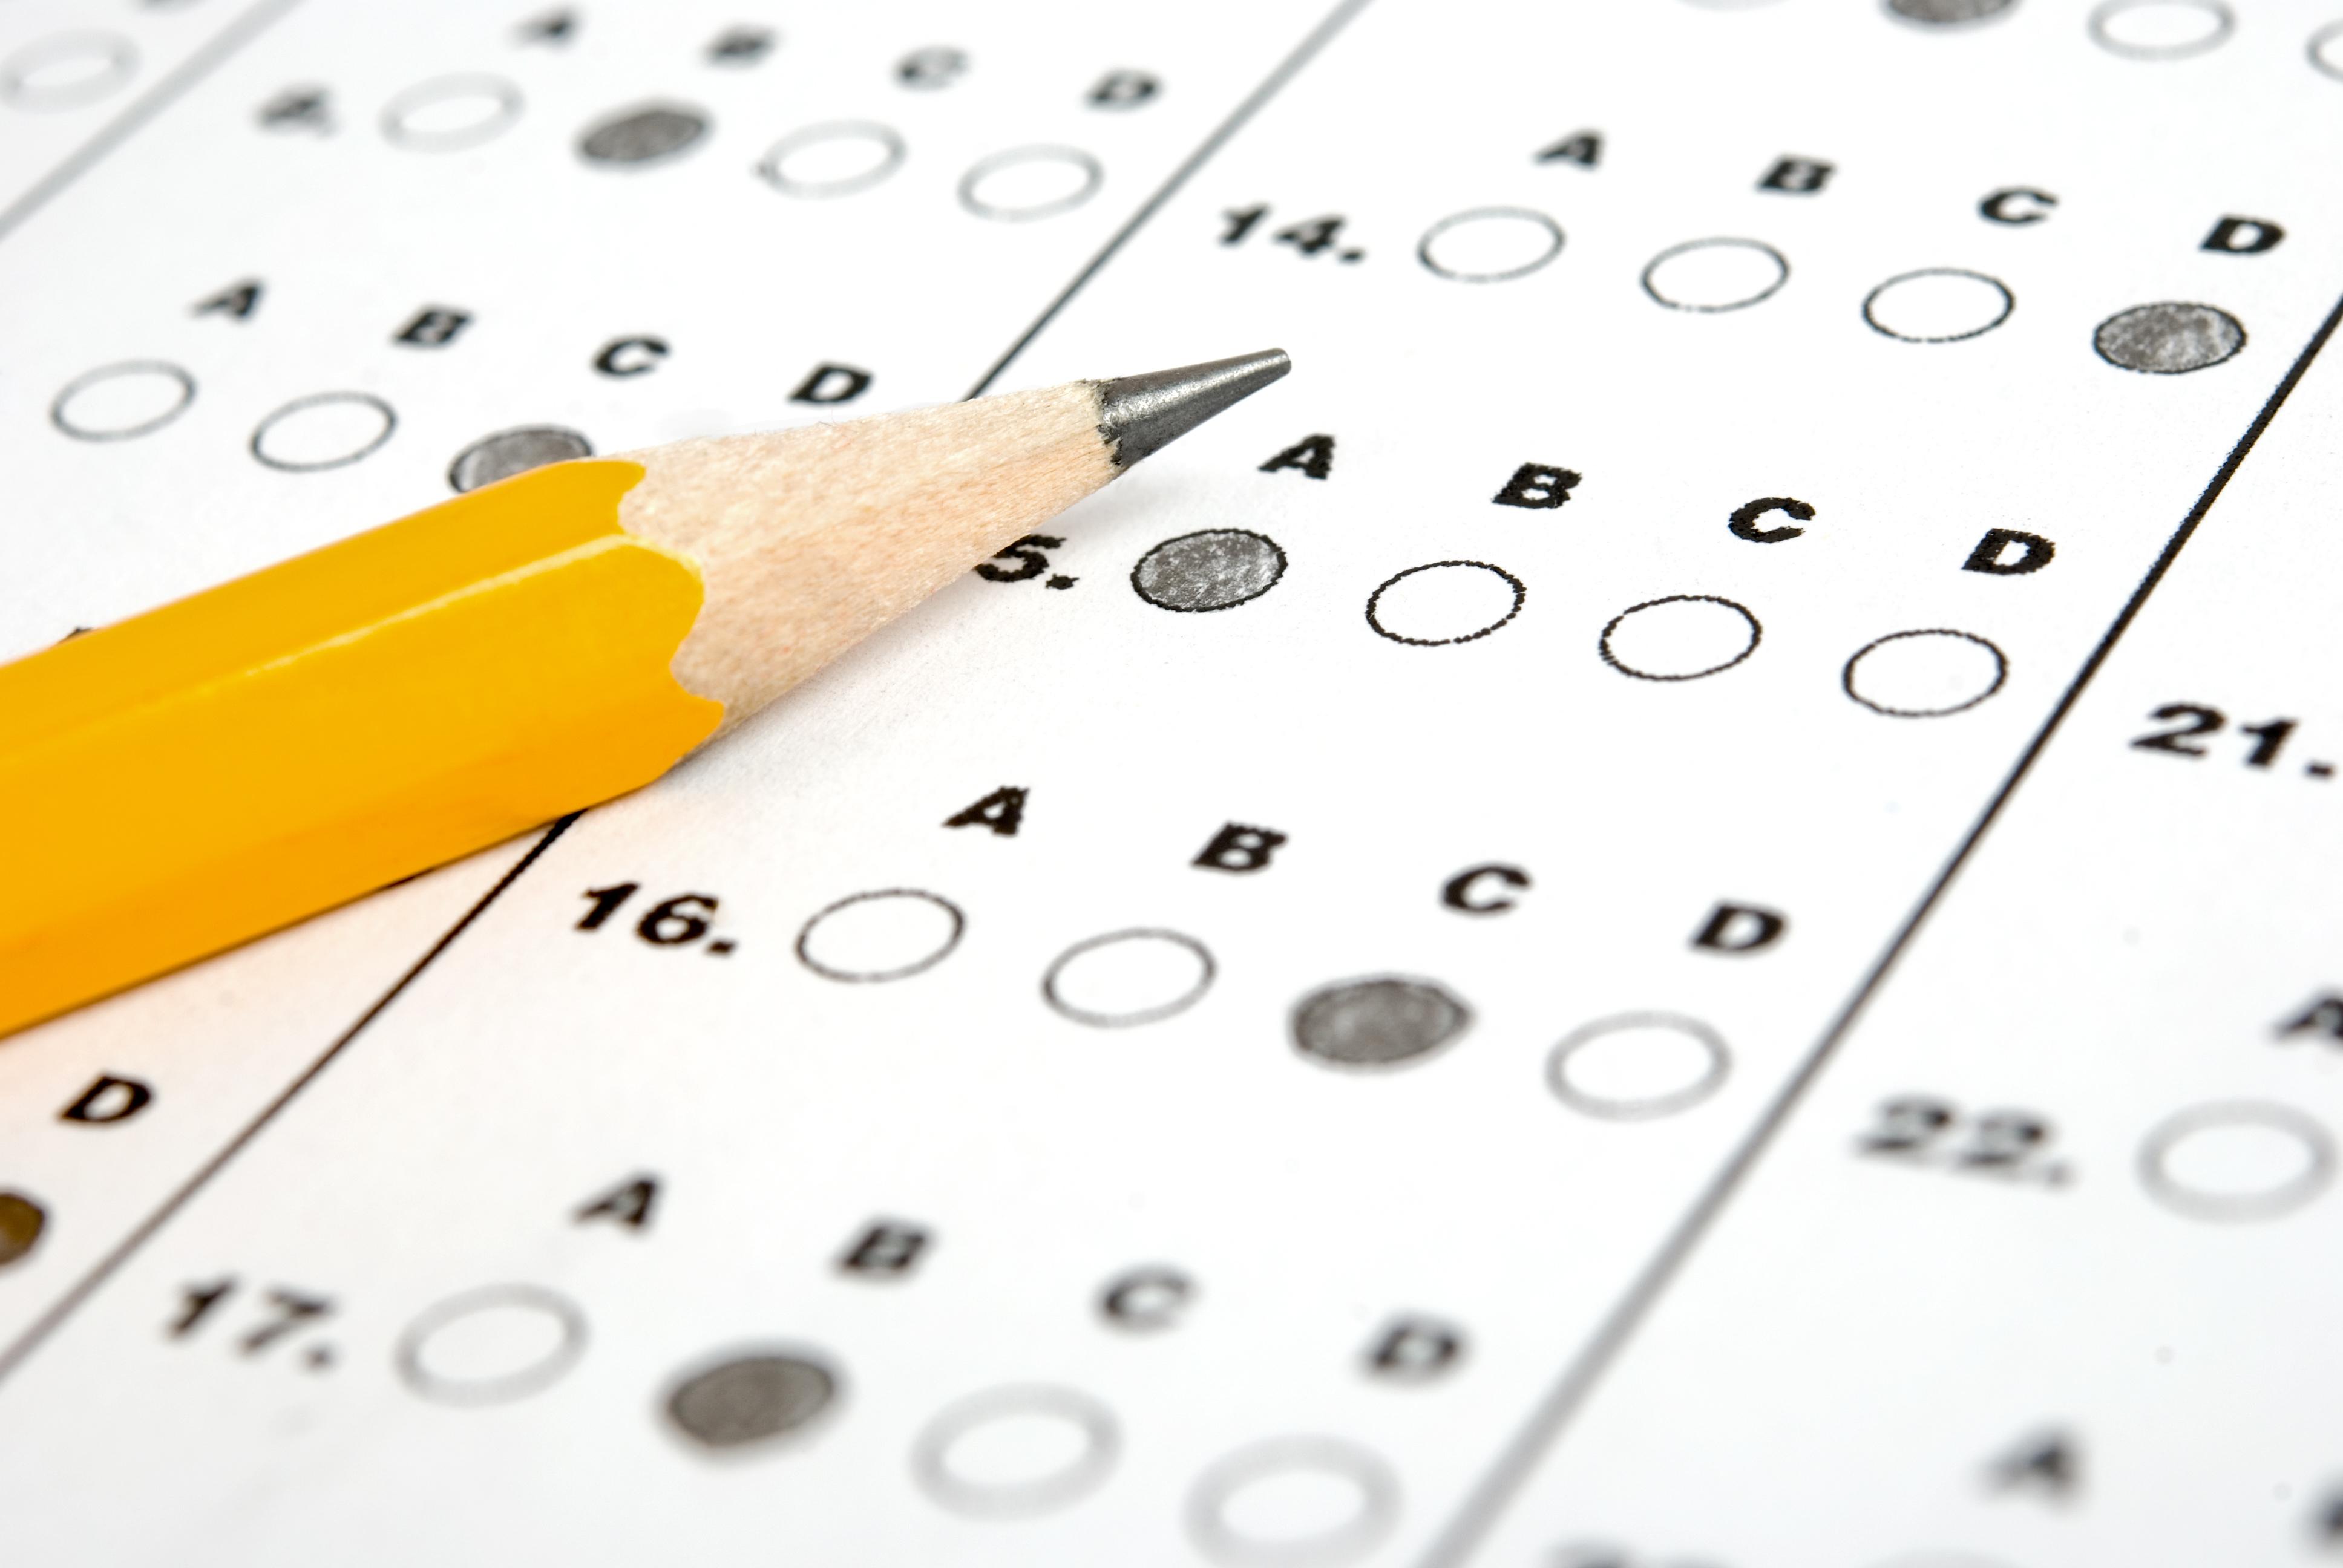 Latihan Soal Uas Pas Pjok Kelas 8 Smp Mts Semester 1 Ganjil Tahun 2020 2021 Ahzaa Net